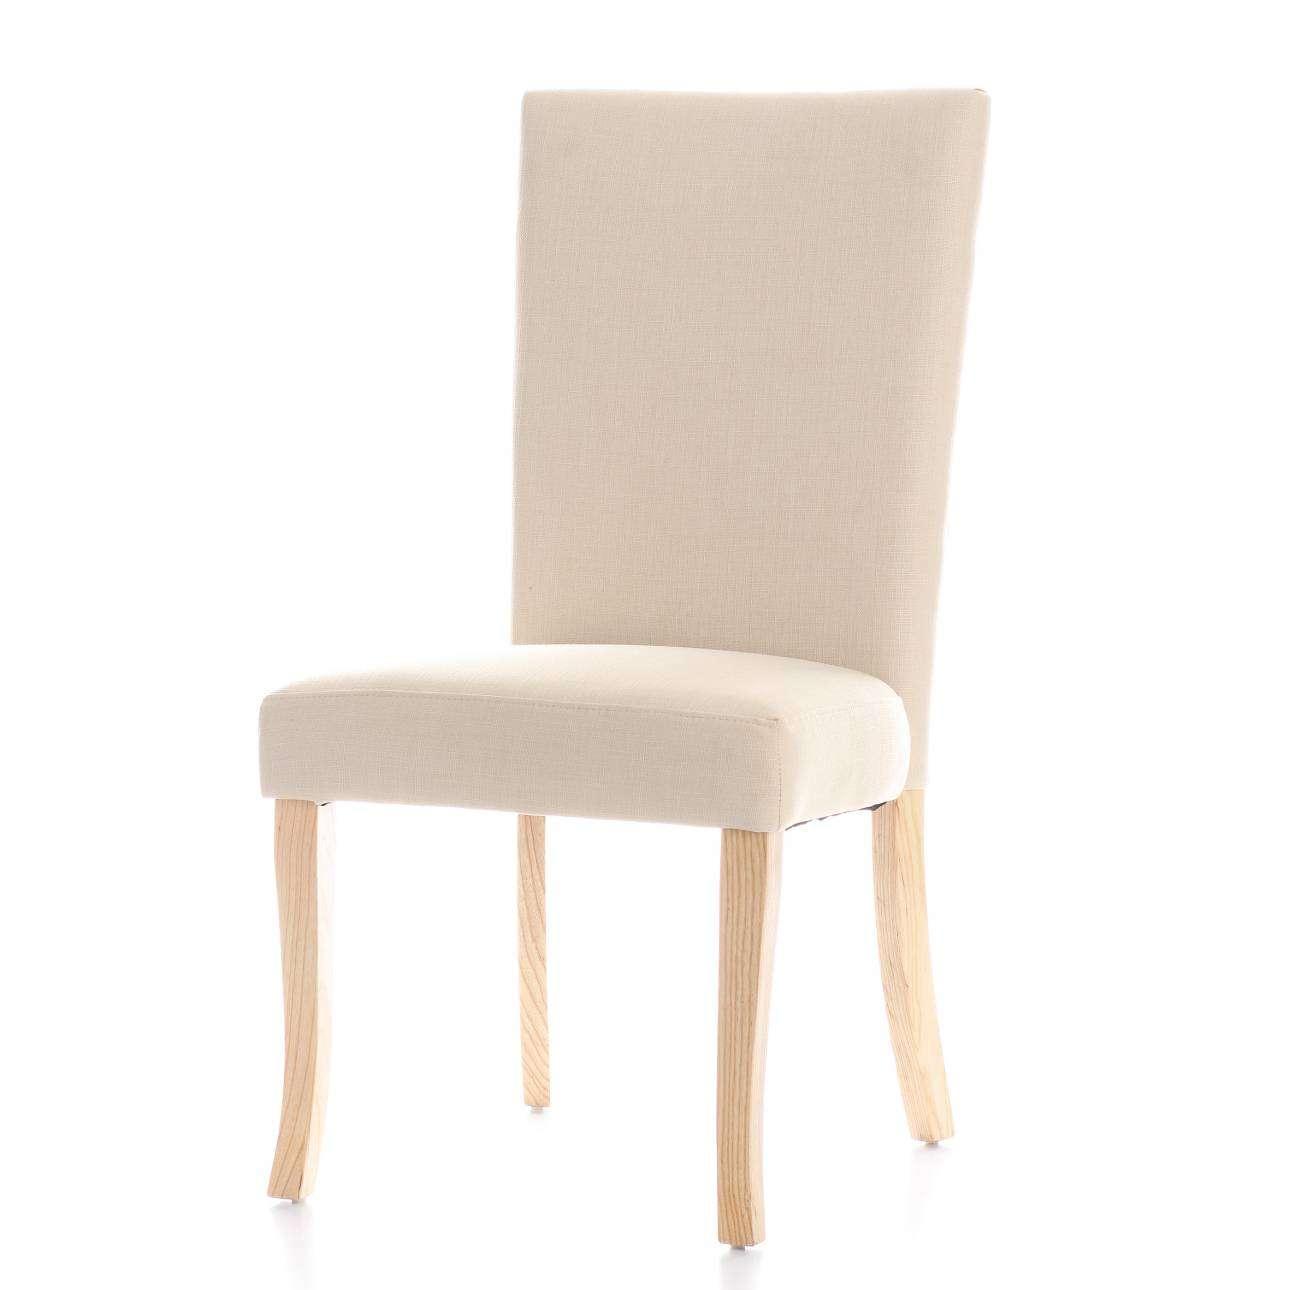 Polsterstuhl Andrea Cream, 50 × 51 × 102 cm | Küche und Esszimmer > Stühle und Hocker > Polsterstühle | Dekoria